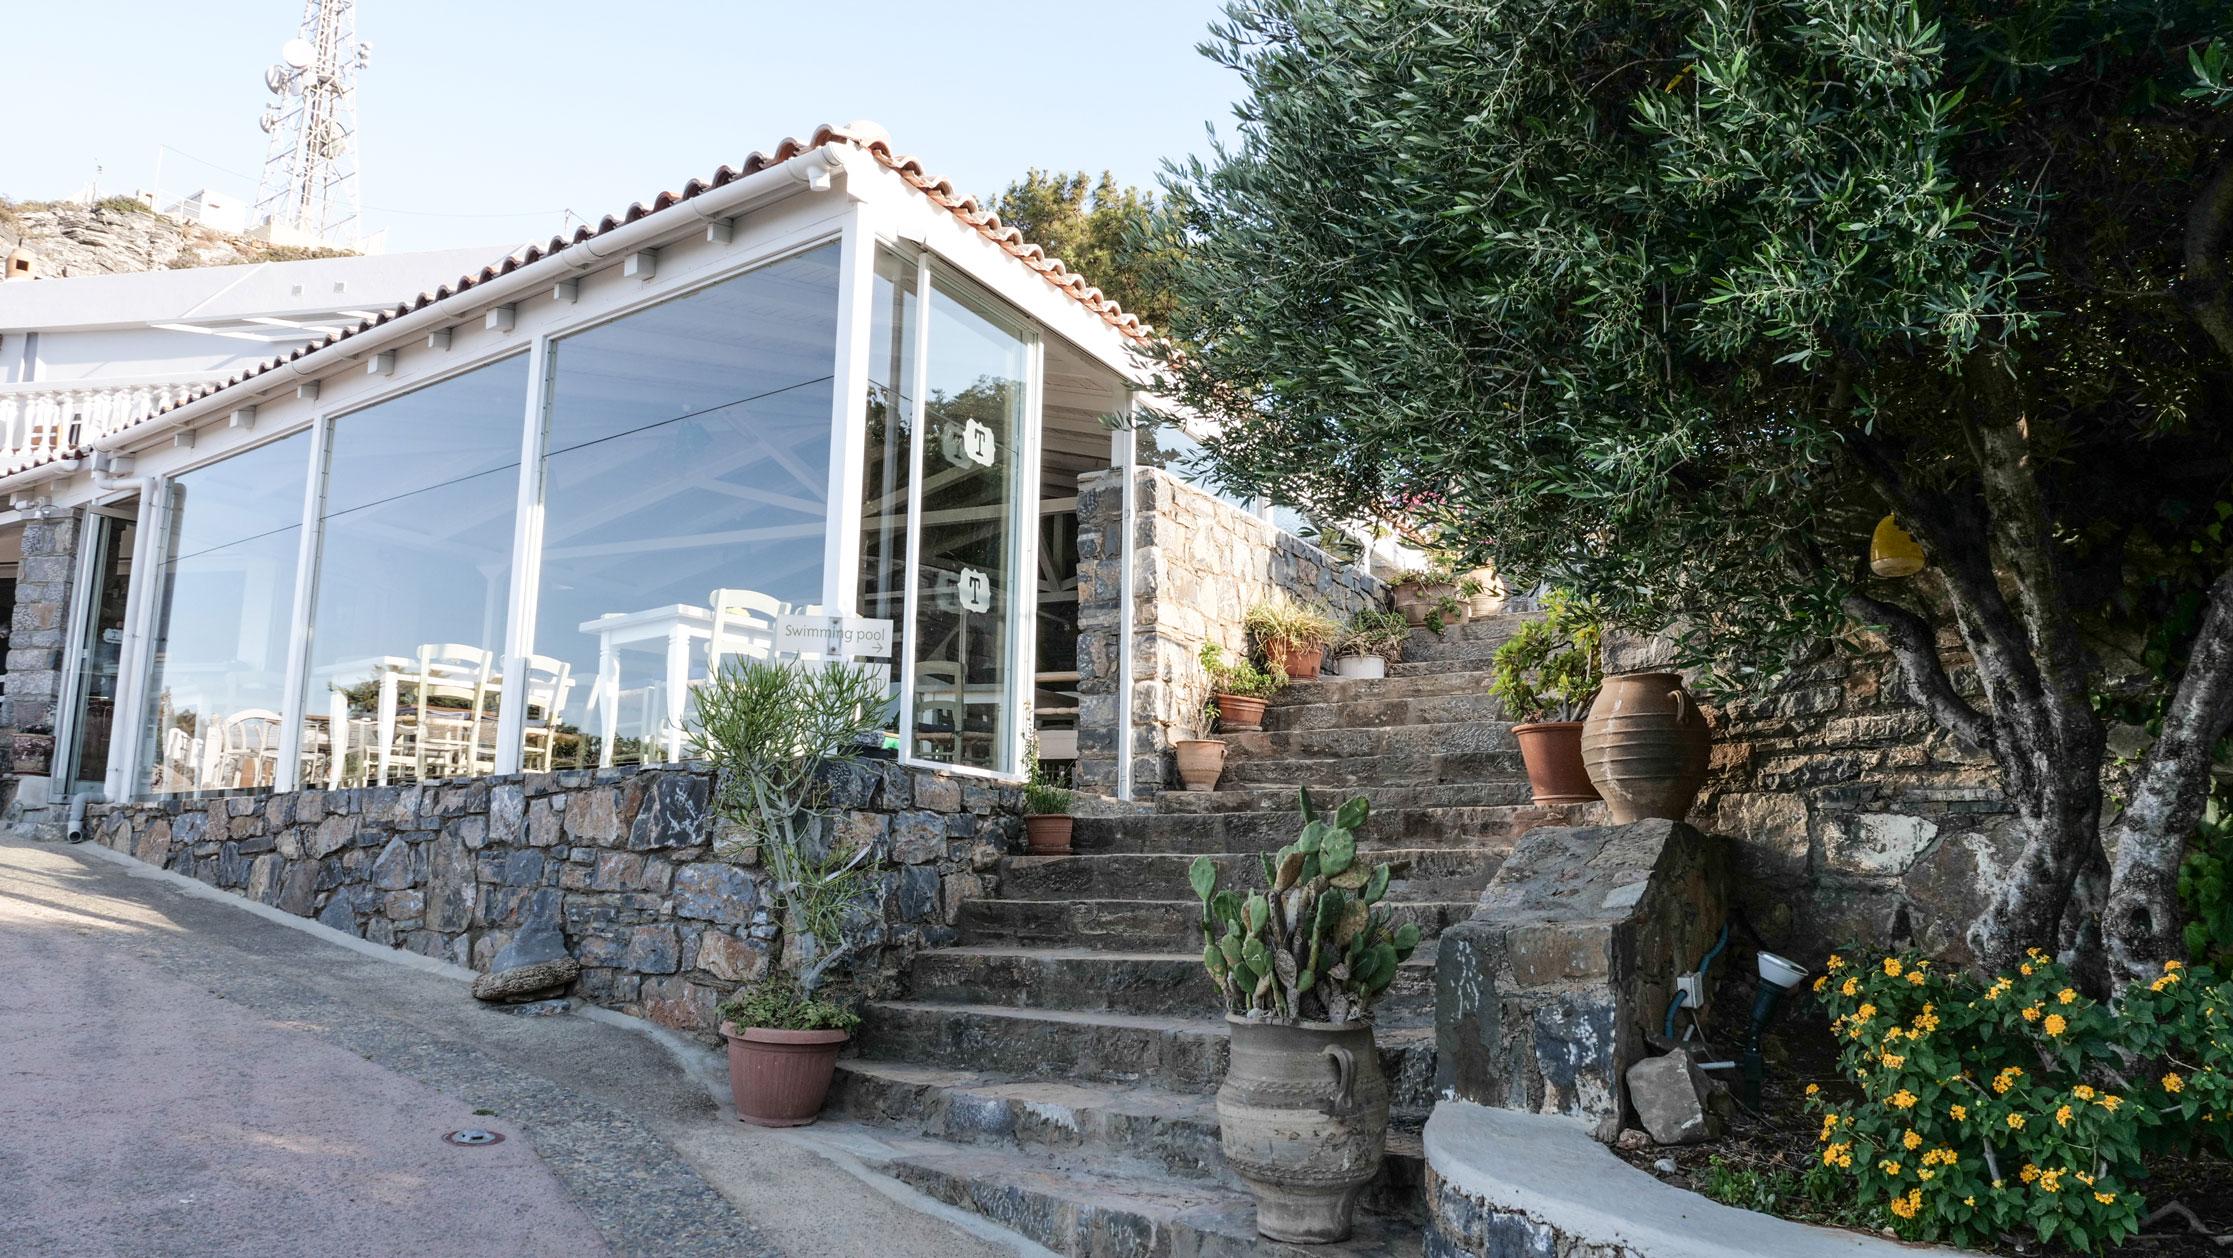 Adrakos Apartments Elounda - Entrance